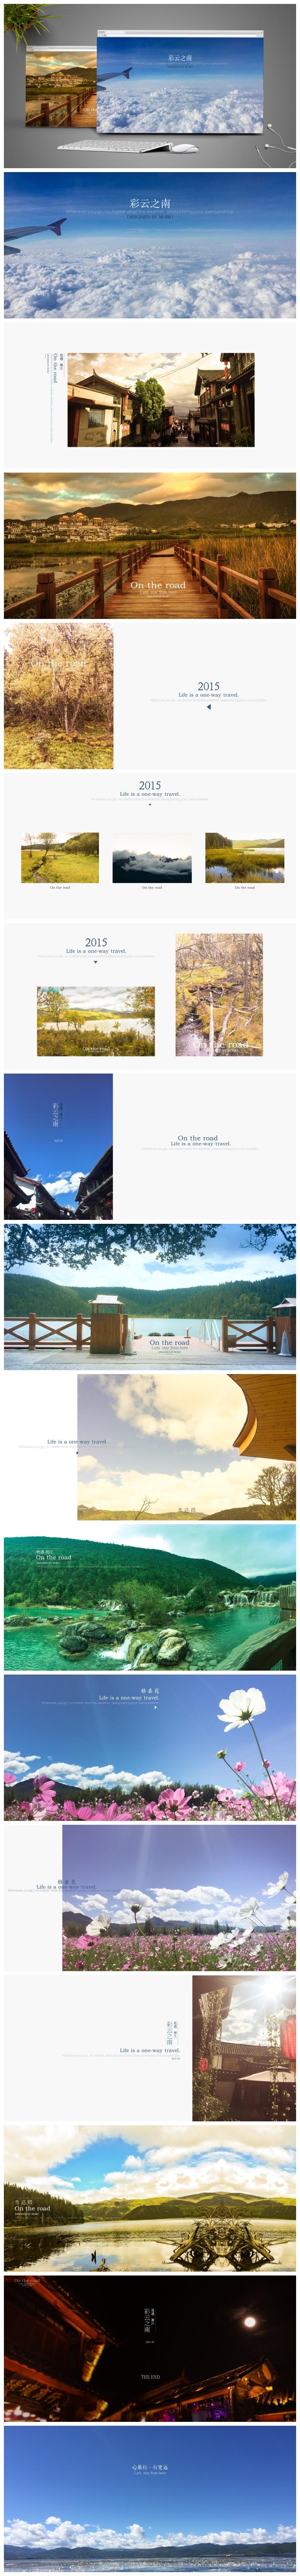 【免费欣赏】风景心路第一期-彩云之南  BY MOMO  